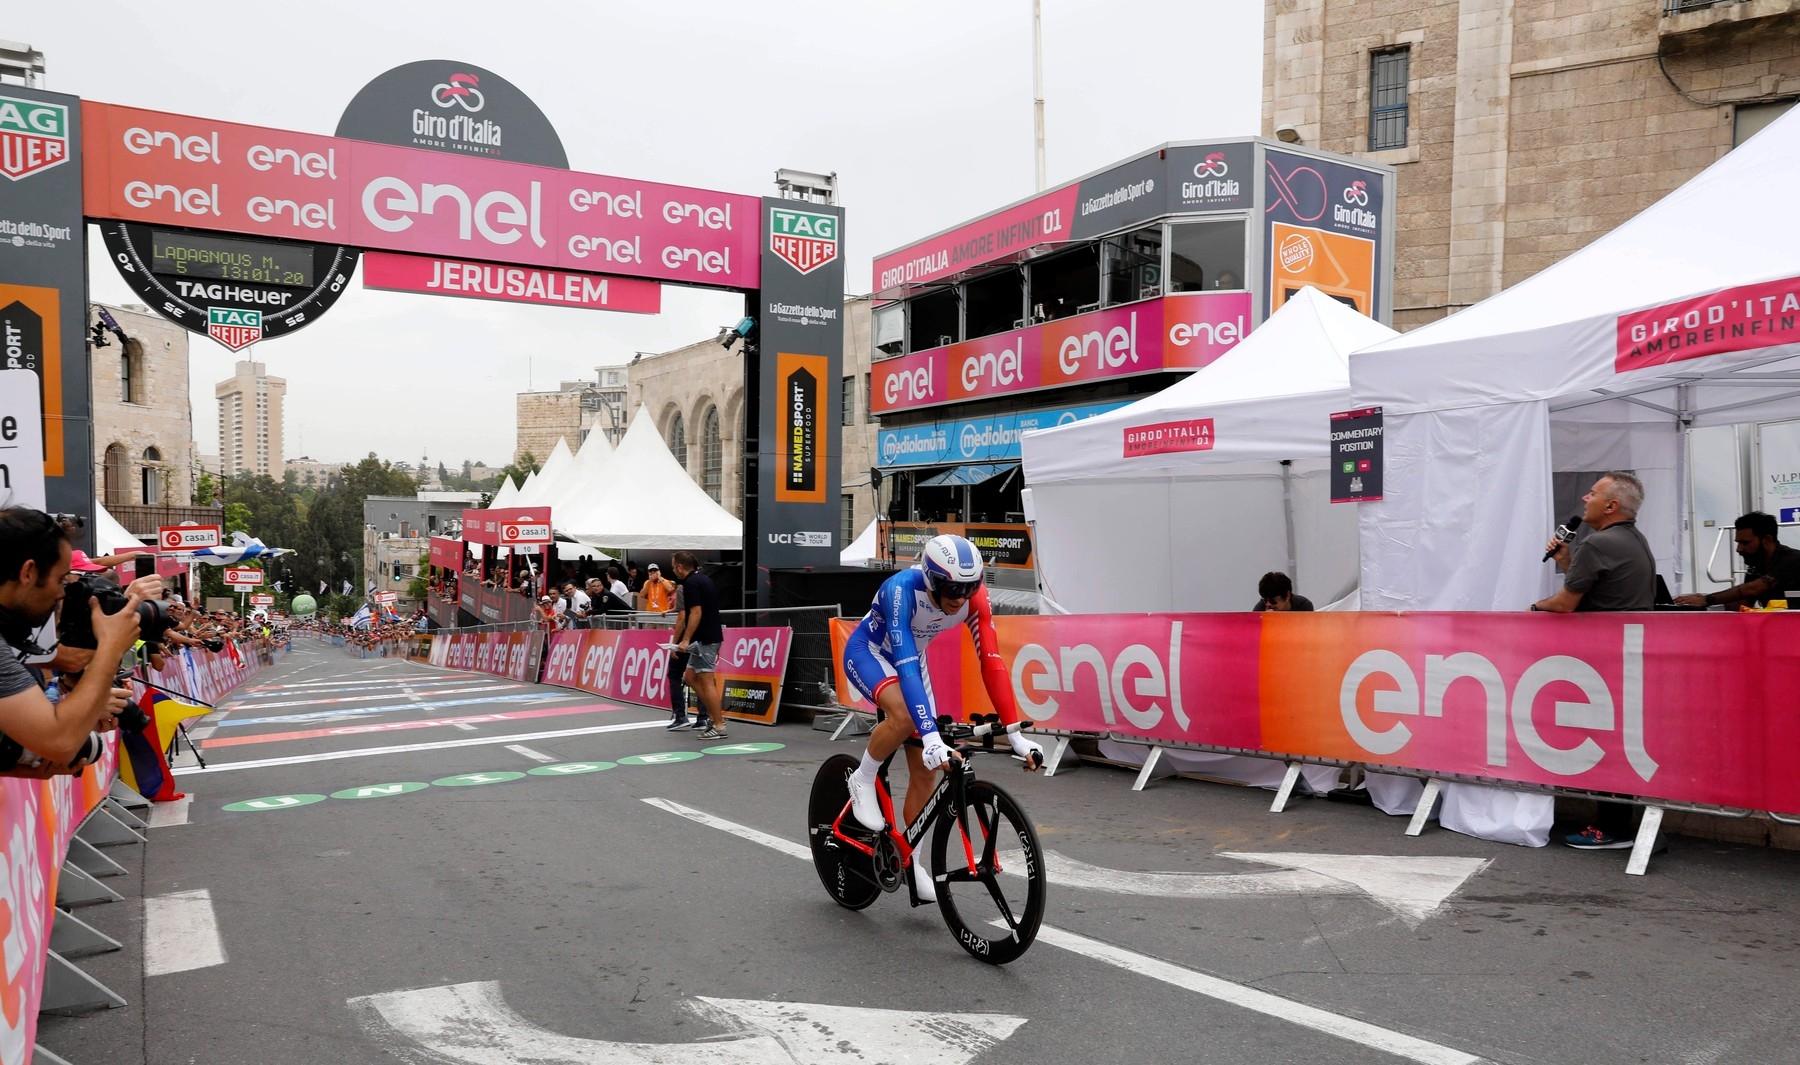 Francouzský cyklista Matthieu Ladagnous z týmu Groupama FDJ projíždí cílem po 1. etapě Gira 2019 v Jeruzalémě. Foto: profimedia